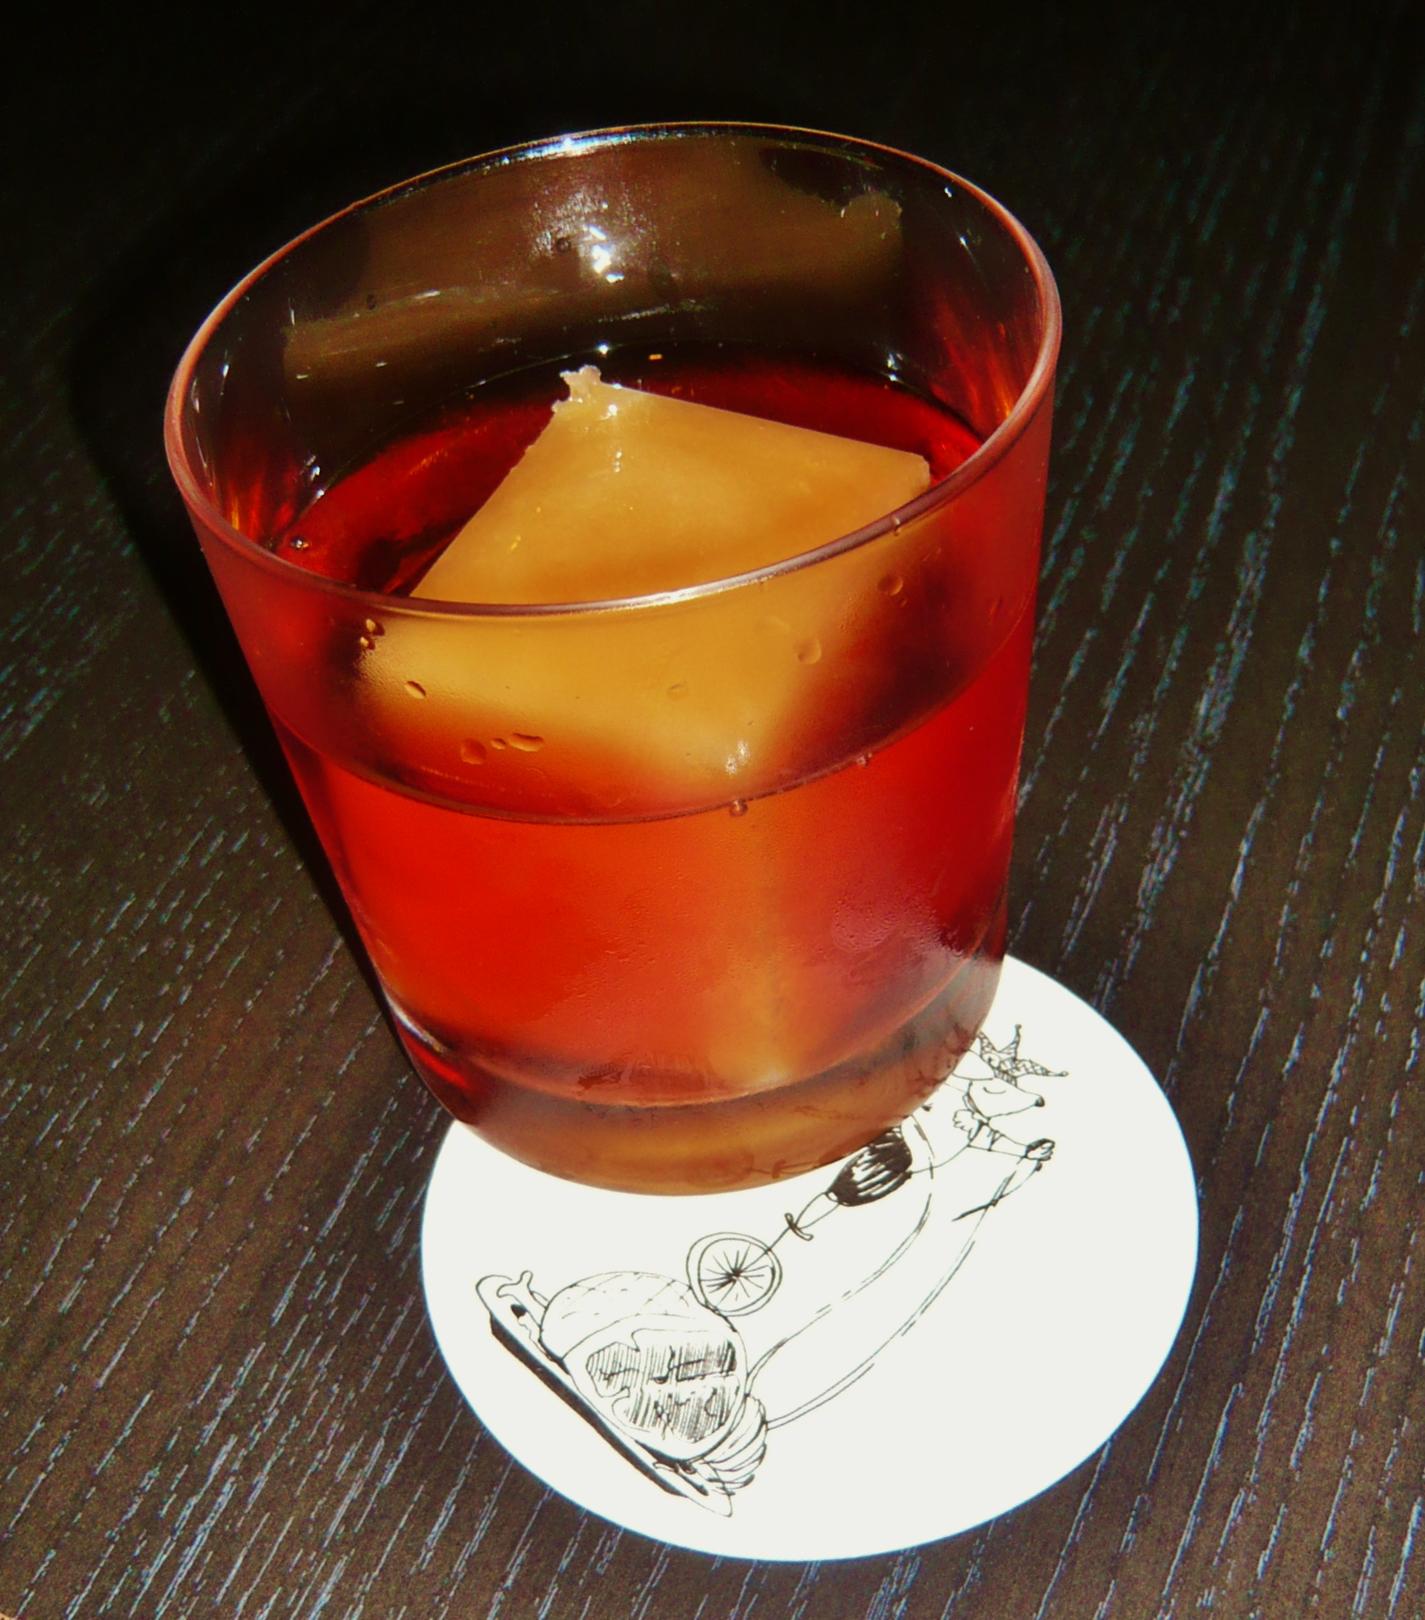 cocktails mit wein muss denn das sein trinkprotokolltrinkprotokoll. Black Bedroom Furniture Sets. Home Design Ideas